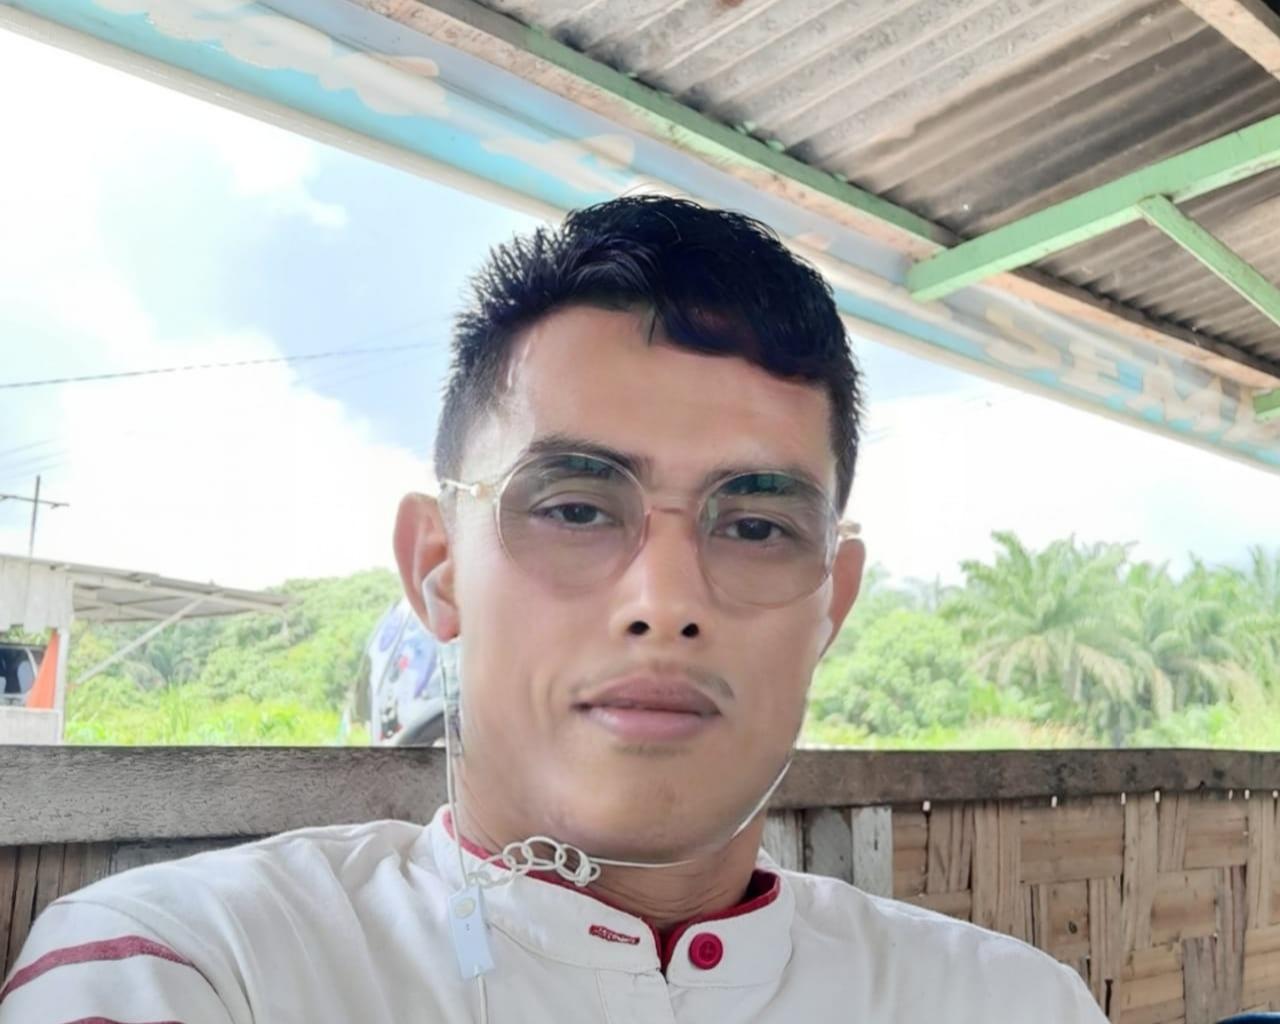 Anirzam Ketua DPD Partai Berkarya Rohil: Tahun ini Kita Bersatu Untuk Buat Perubahan